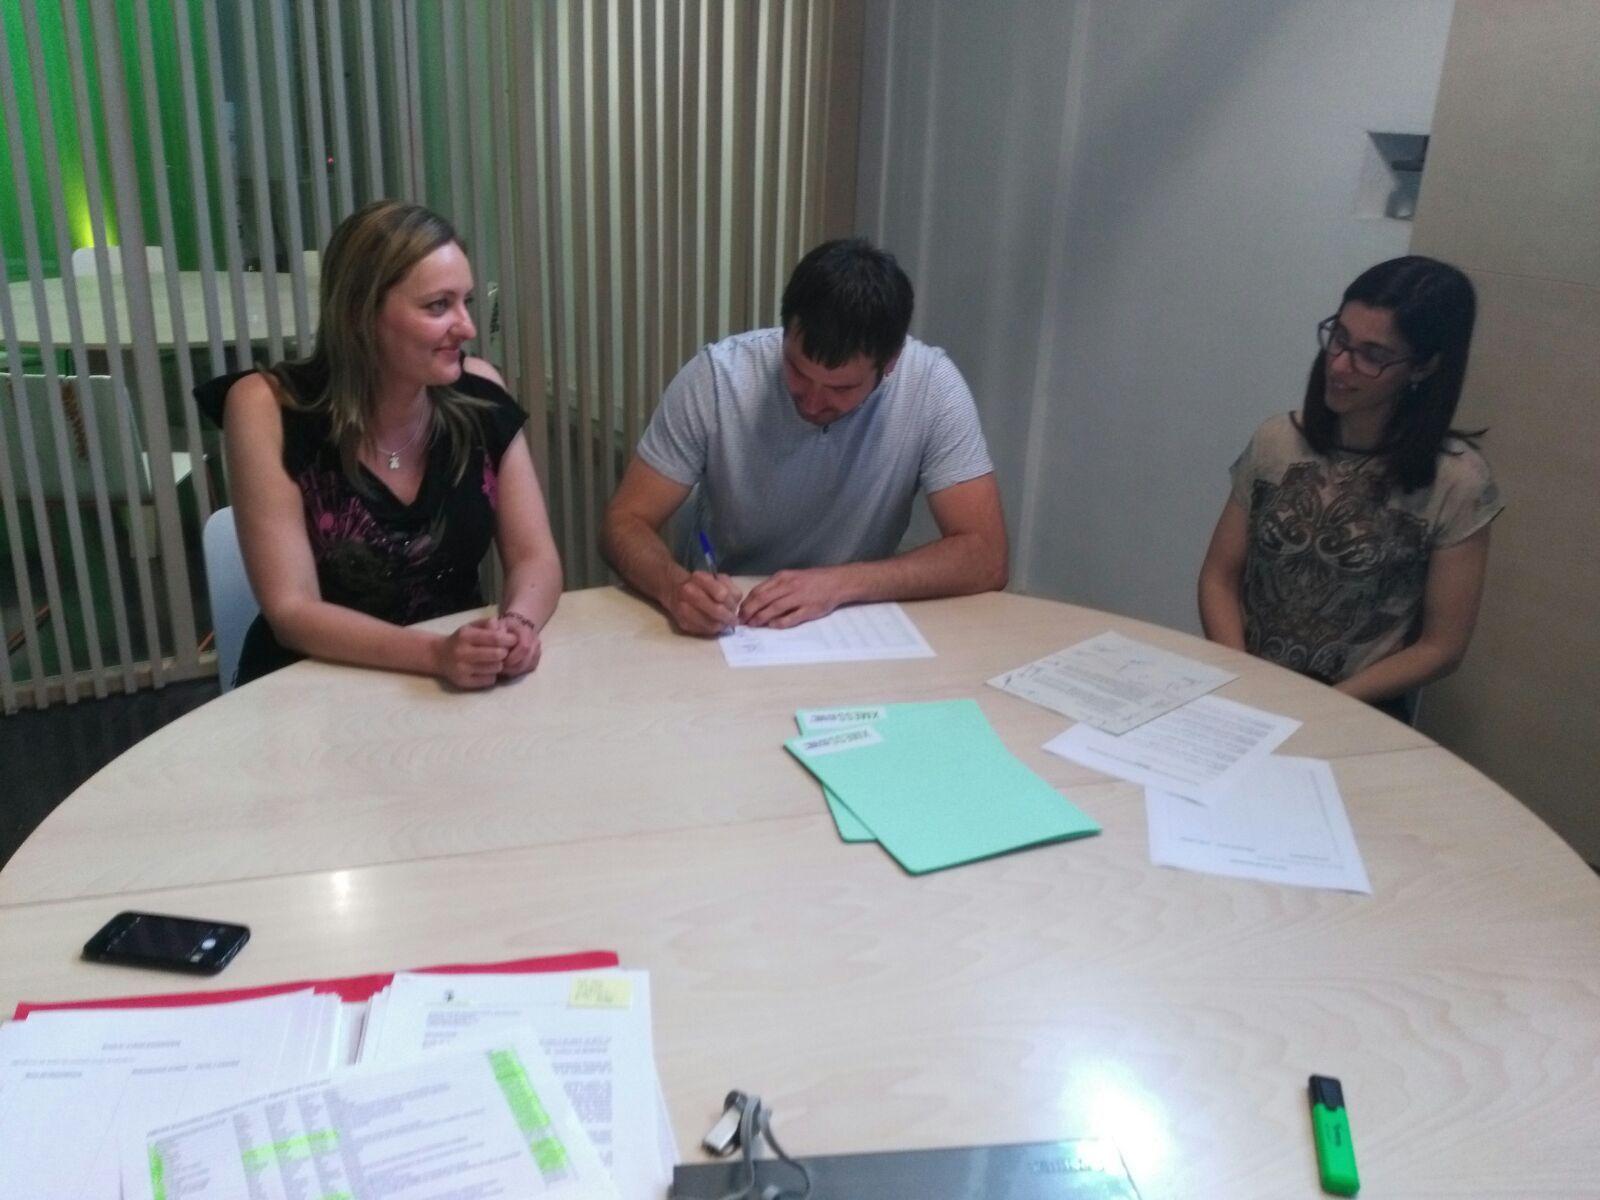 L'alcalde Carles Escolà, acompanyat de la regidora de Promoció Contxi Haro, ha signat els documents de la incorporació, signa els documents de la incorporació de la ciutat a la Xarxa